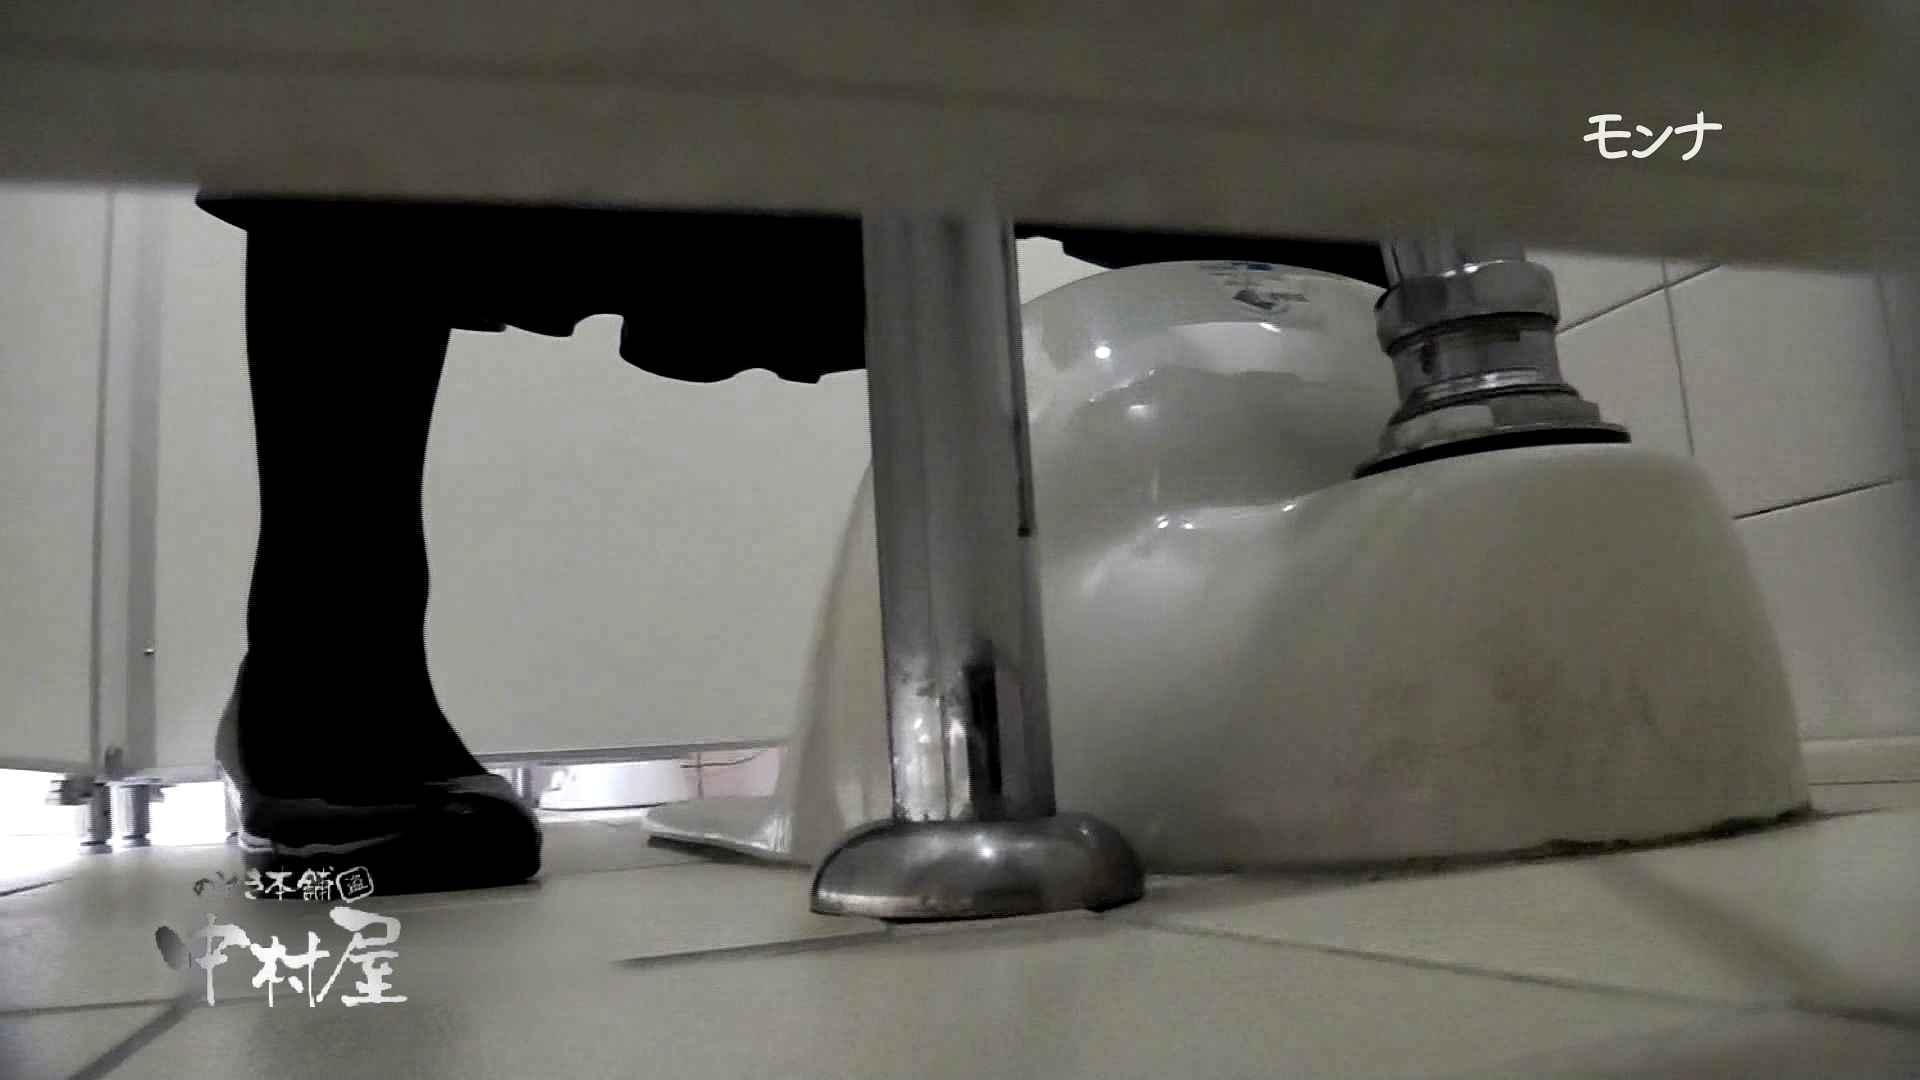 【美しい日本の未来】新学期!!下半身中心に攻めてます美女可愛い女子悪戯盗satuトイレ後編 悪戯 | 下半身  97pic 87